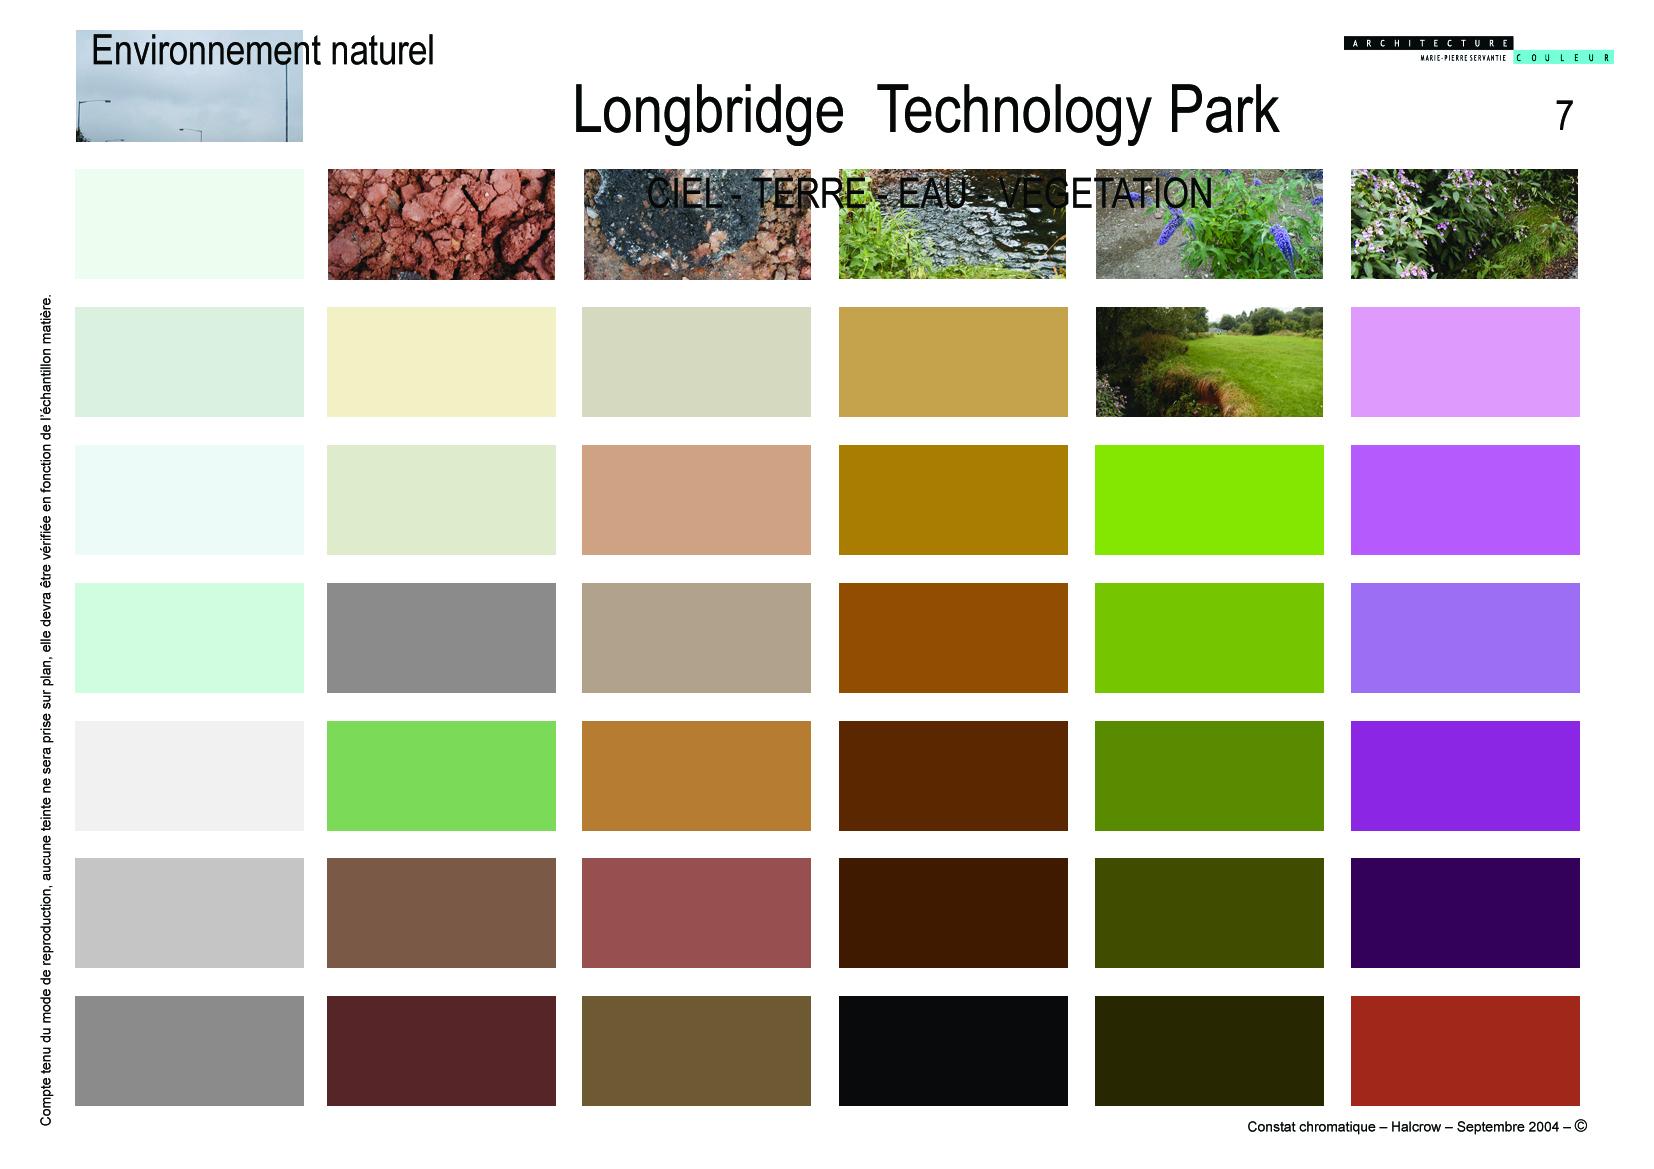 Constat chromatique-Terre/eau/végétation